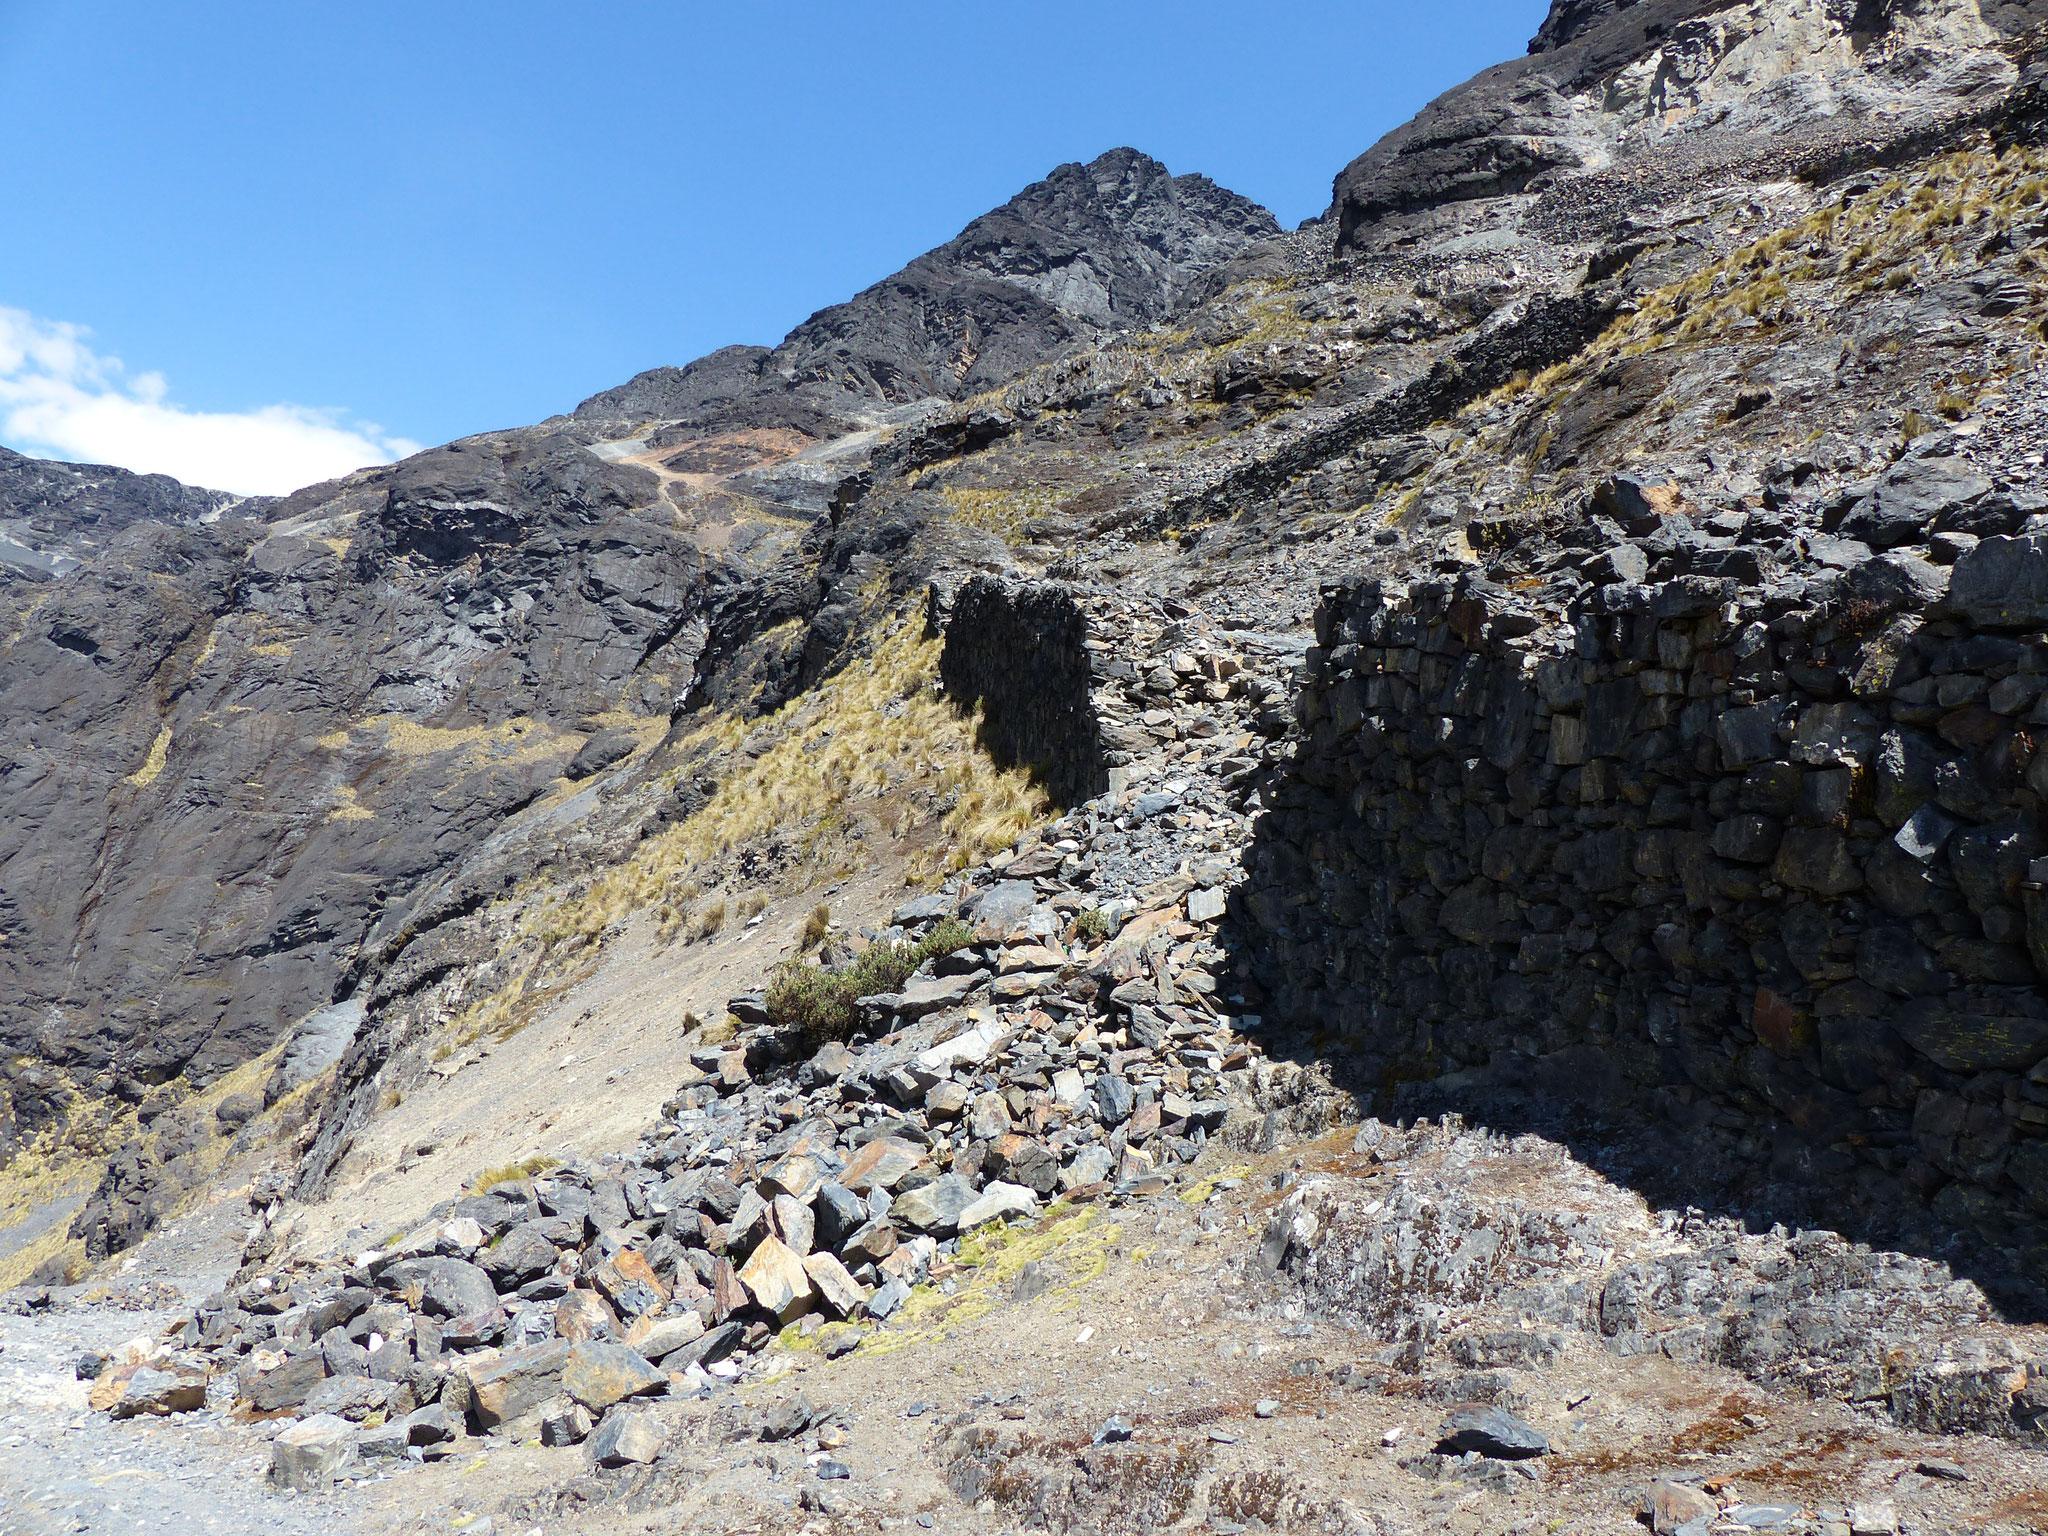 Un bout de mur inca qui s'est écroulé